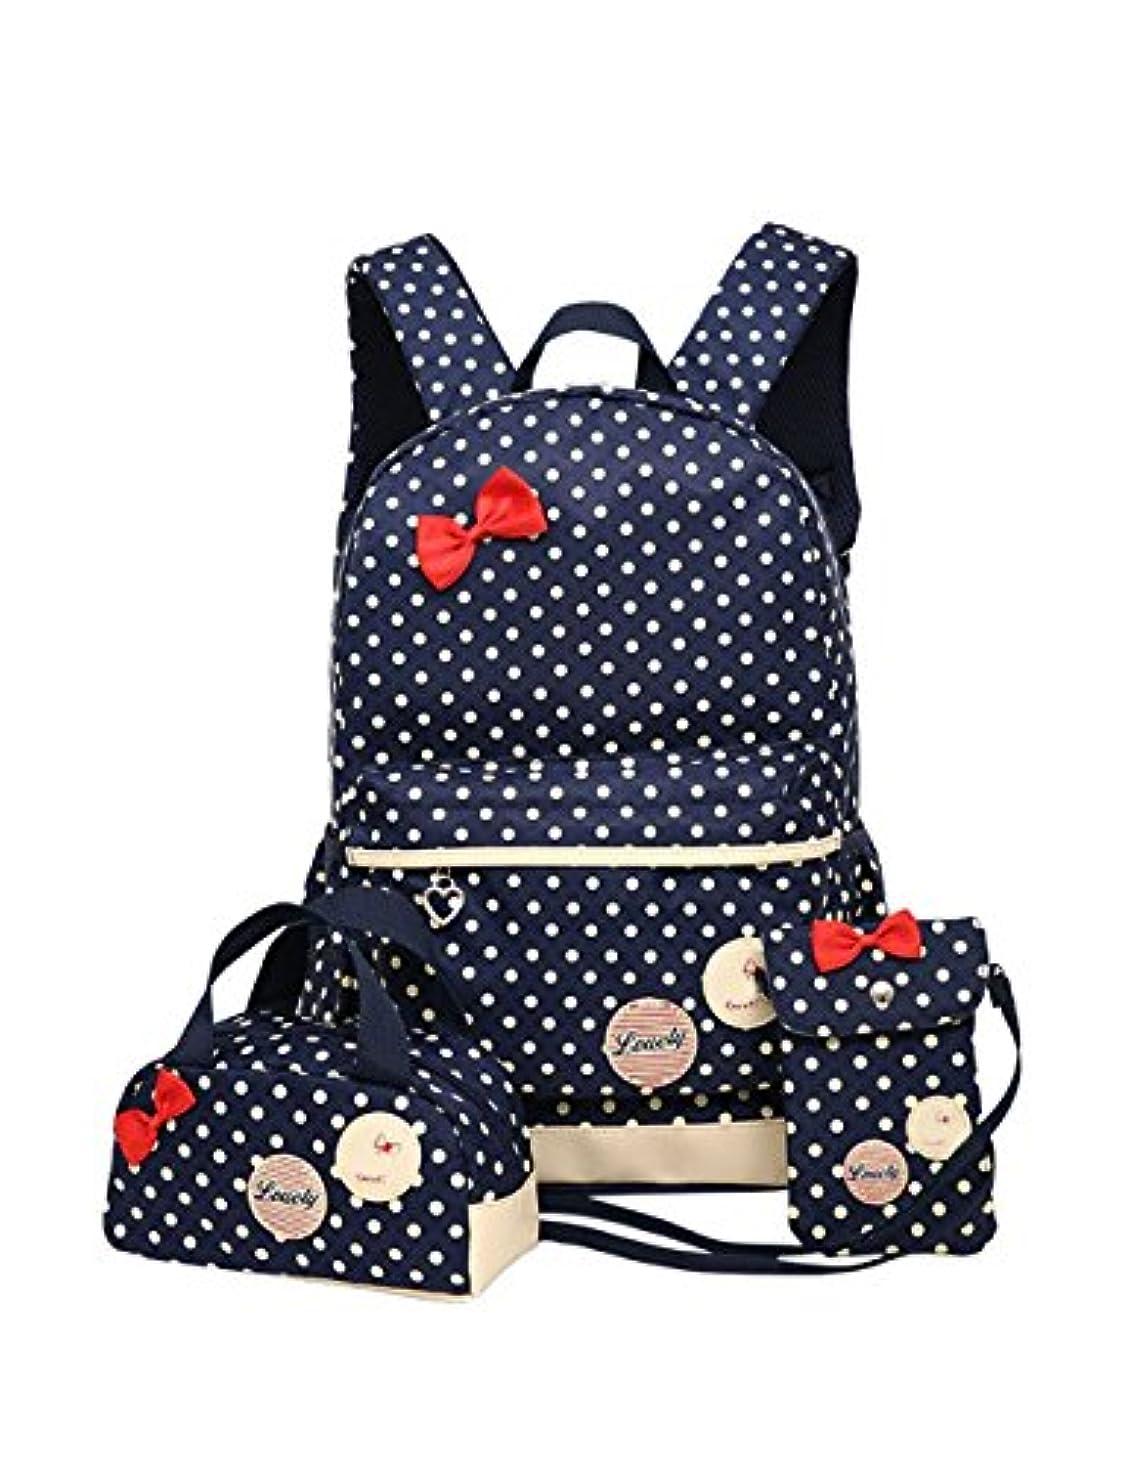 政府連結する発明するZhuhaijq 美しい 子供 学校バッグ 小学生のバッグ リッジバッグ 2-6グレードの女の子のために バックパック 耐久性のある 防水 ナイロン素材 3個